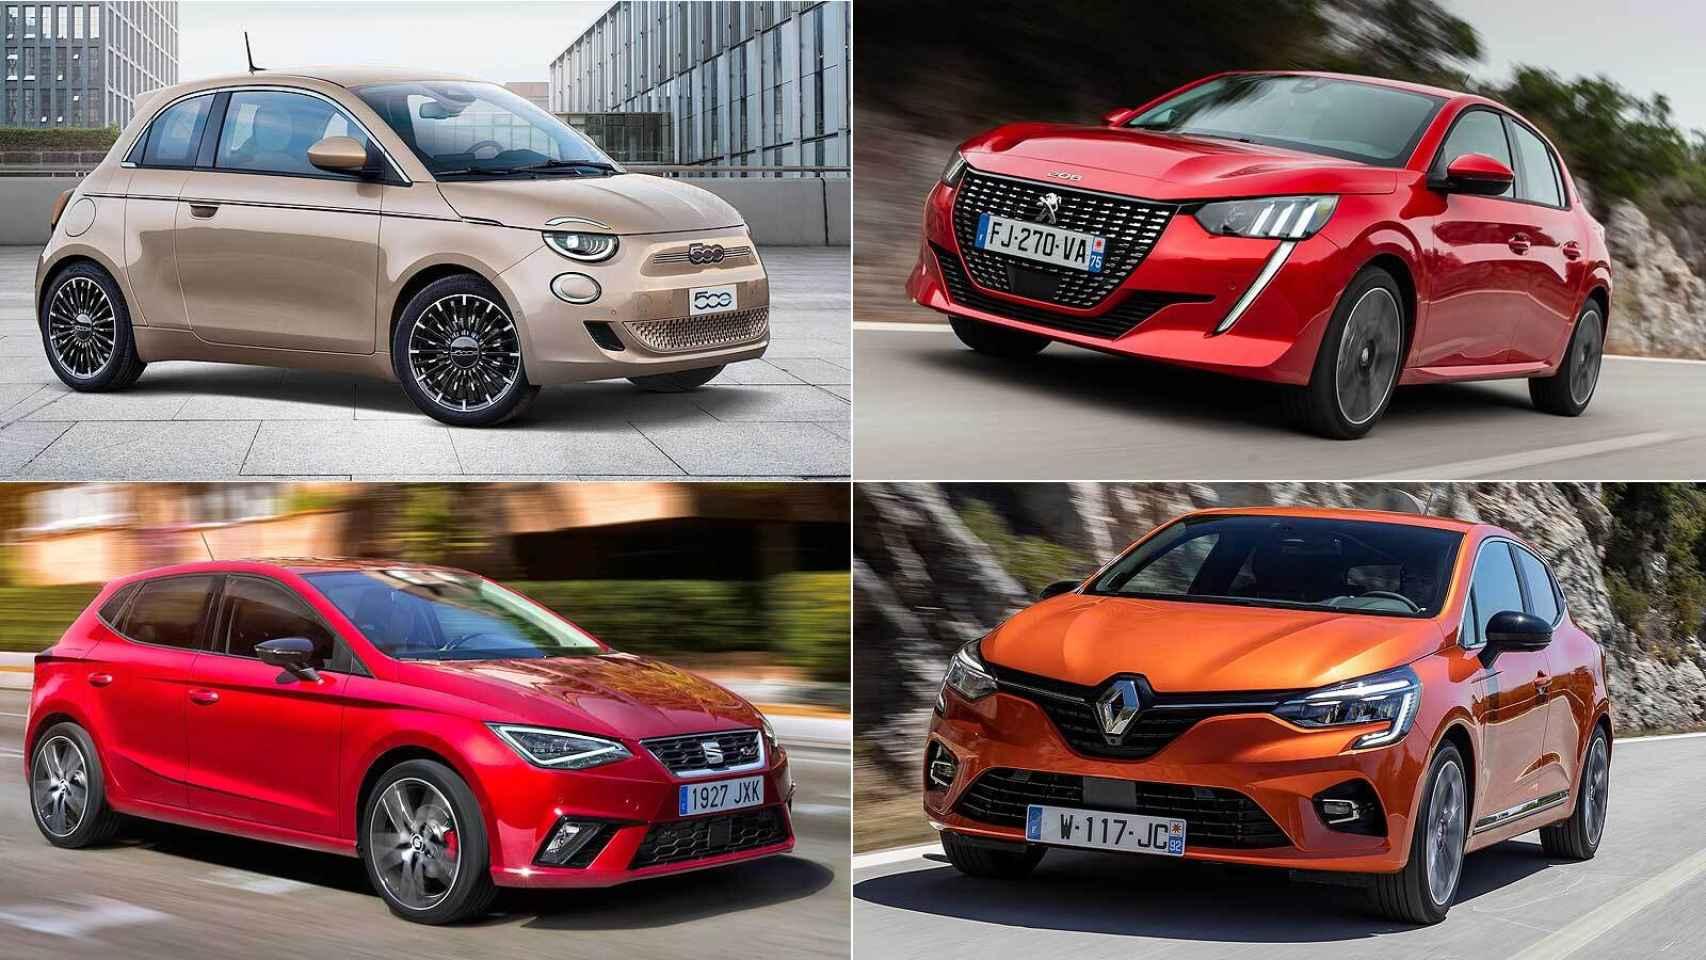 15 coches nuevos de hasta 15.000 euros para disfrutar en verano